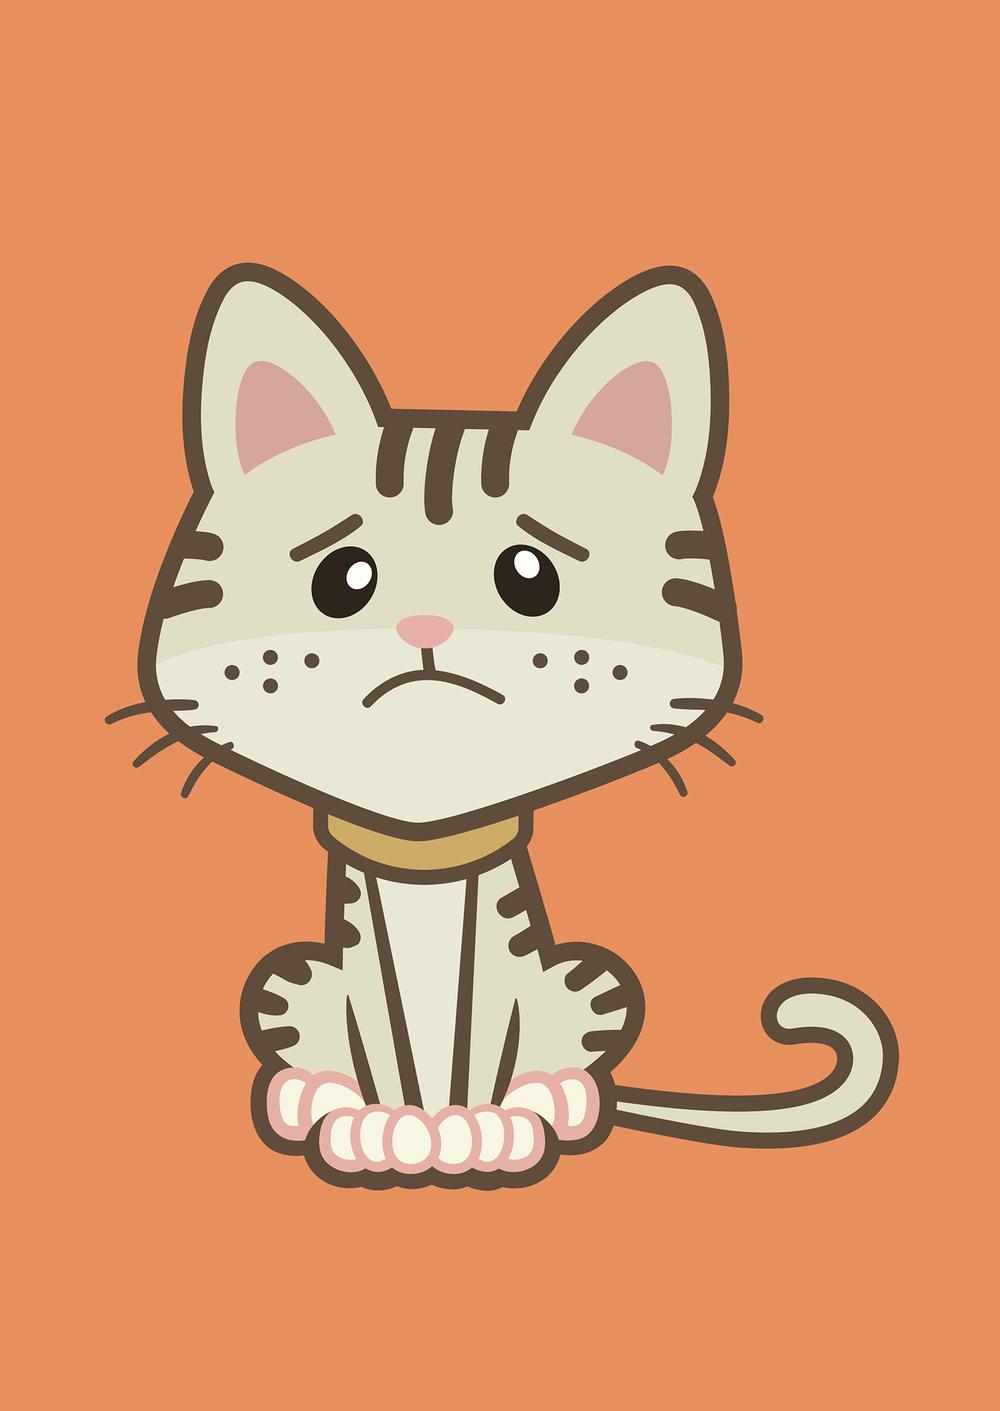 120615_cats_22clean_01-11.jpg